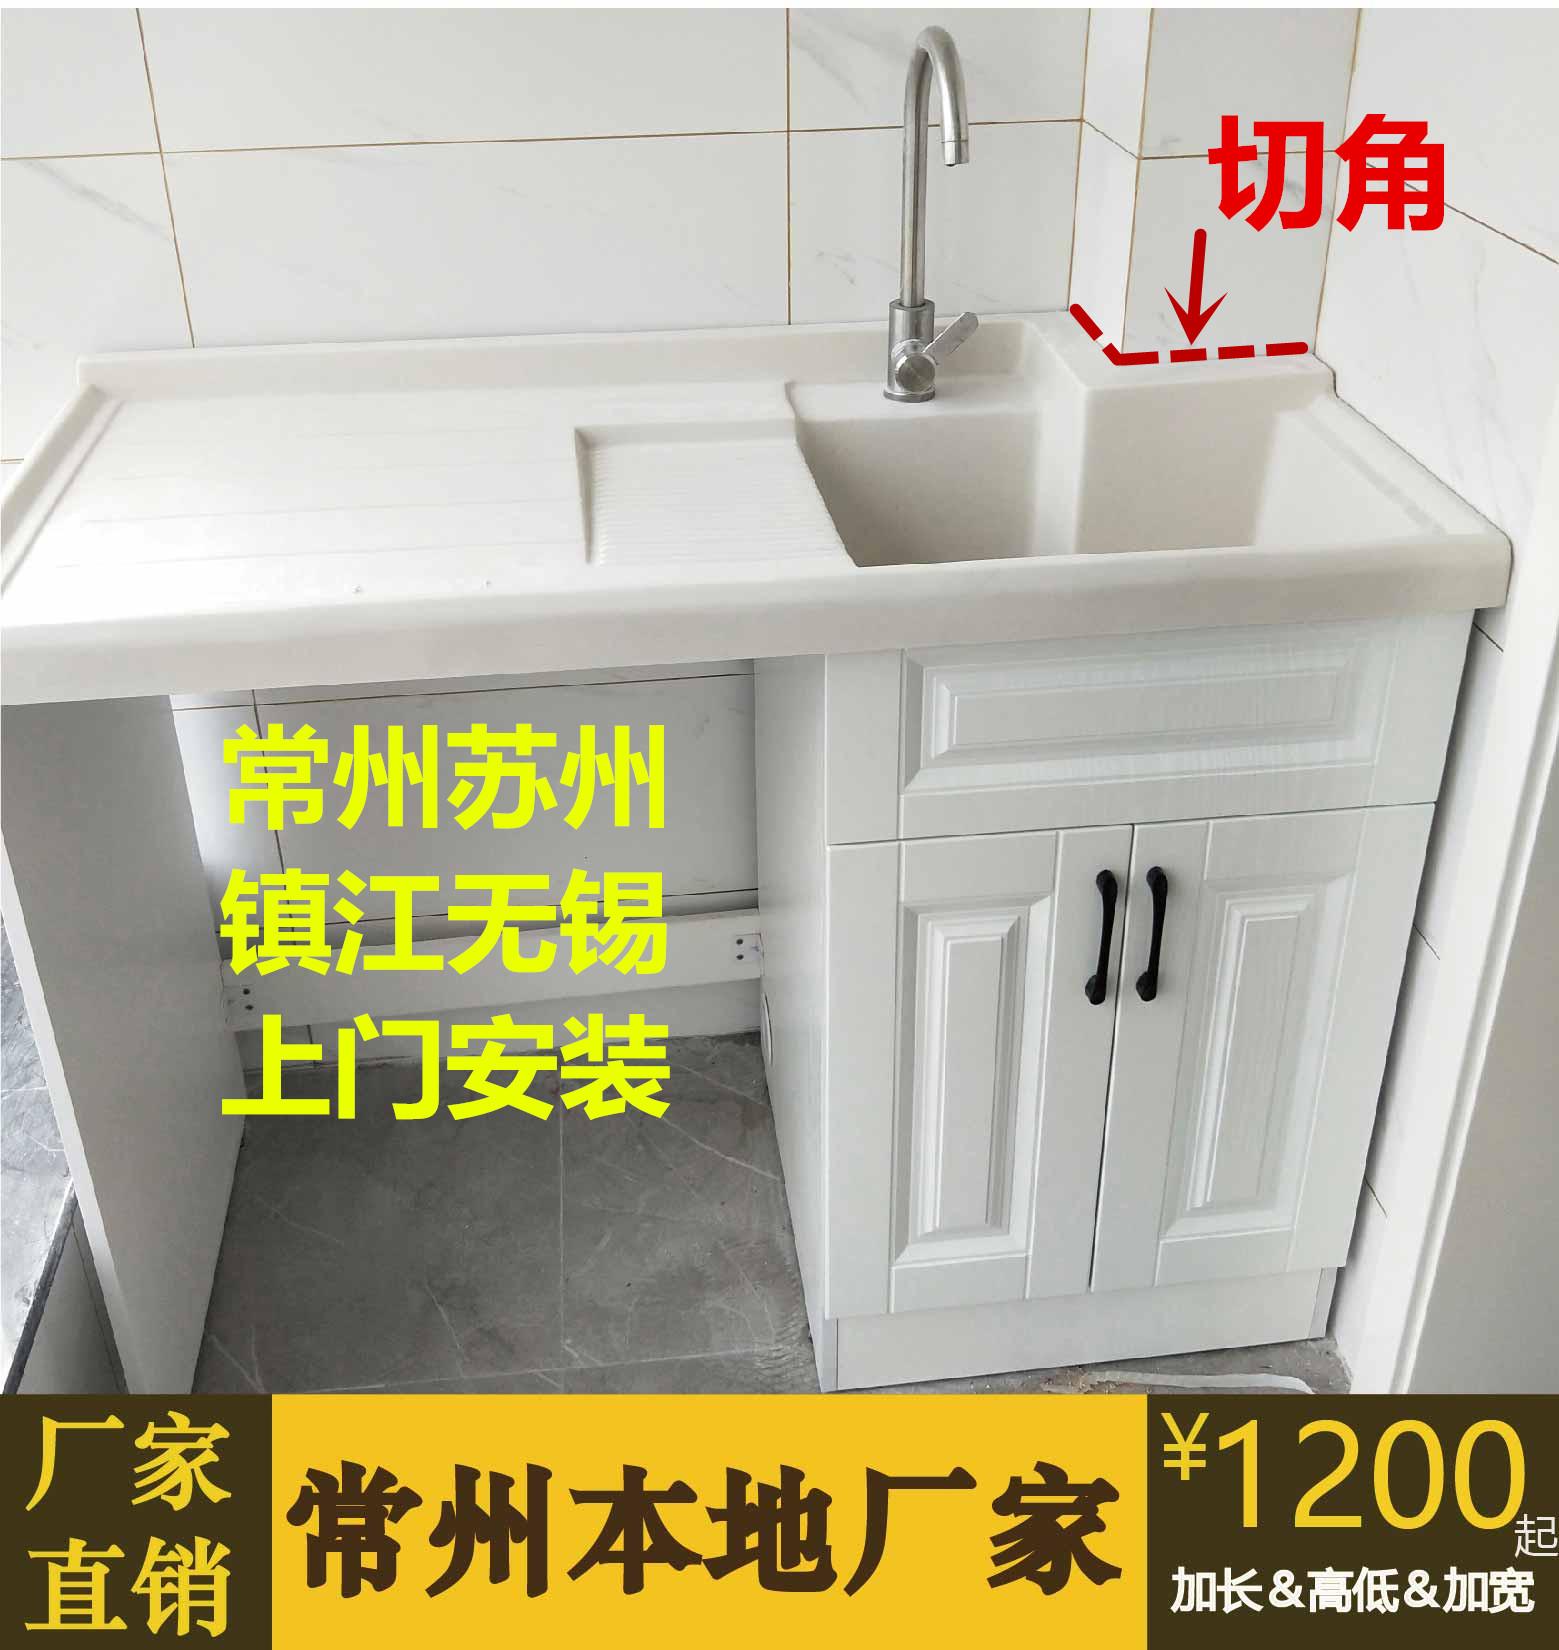 阳台洗衣机柜子洗衣台带搓板一体伴侣浴室柜定制不锈钢洗衣柜组合图片